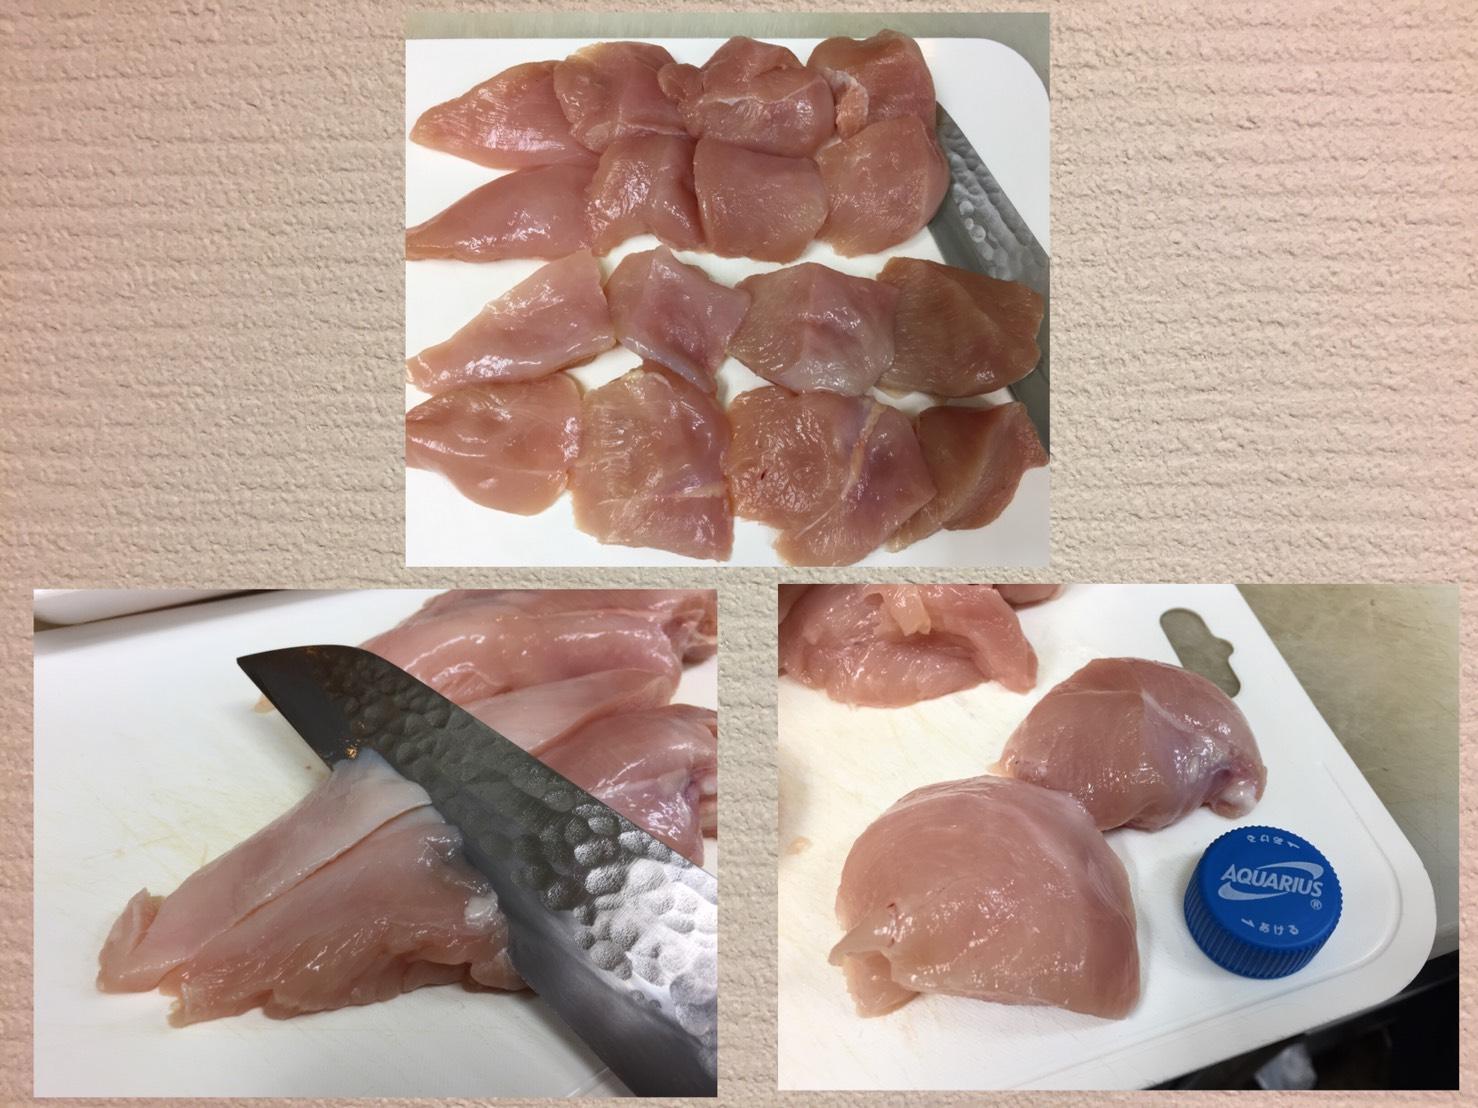 鶏胸肉を切る時には一口大よりも大きめに